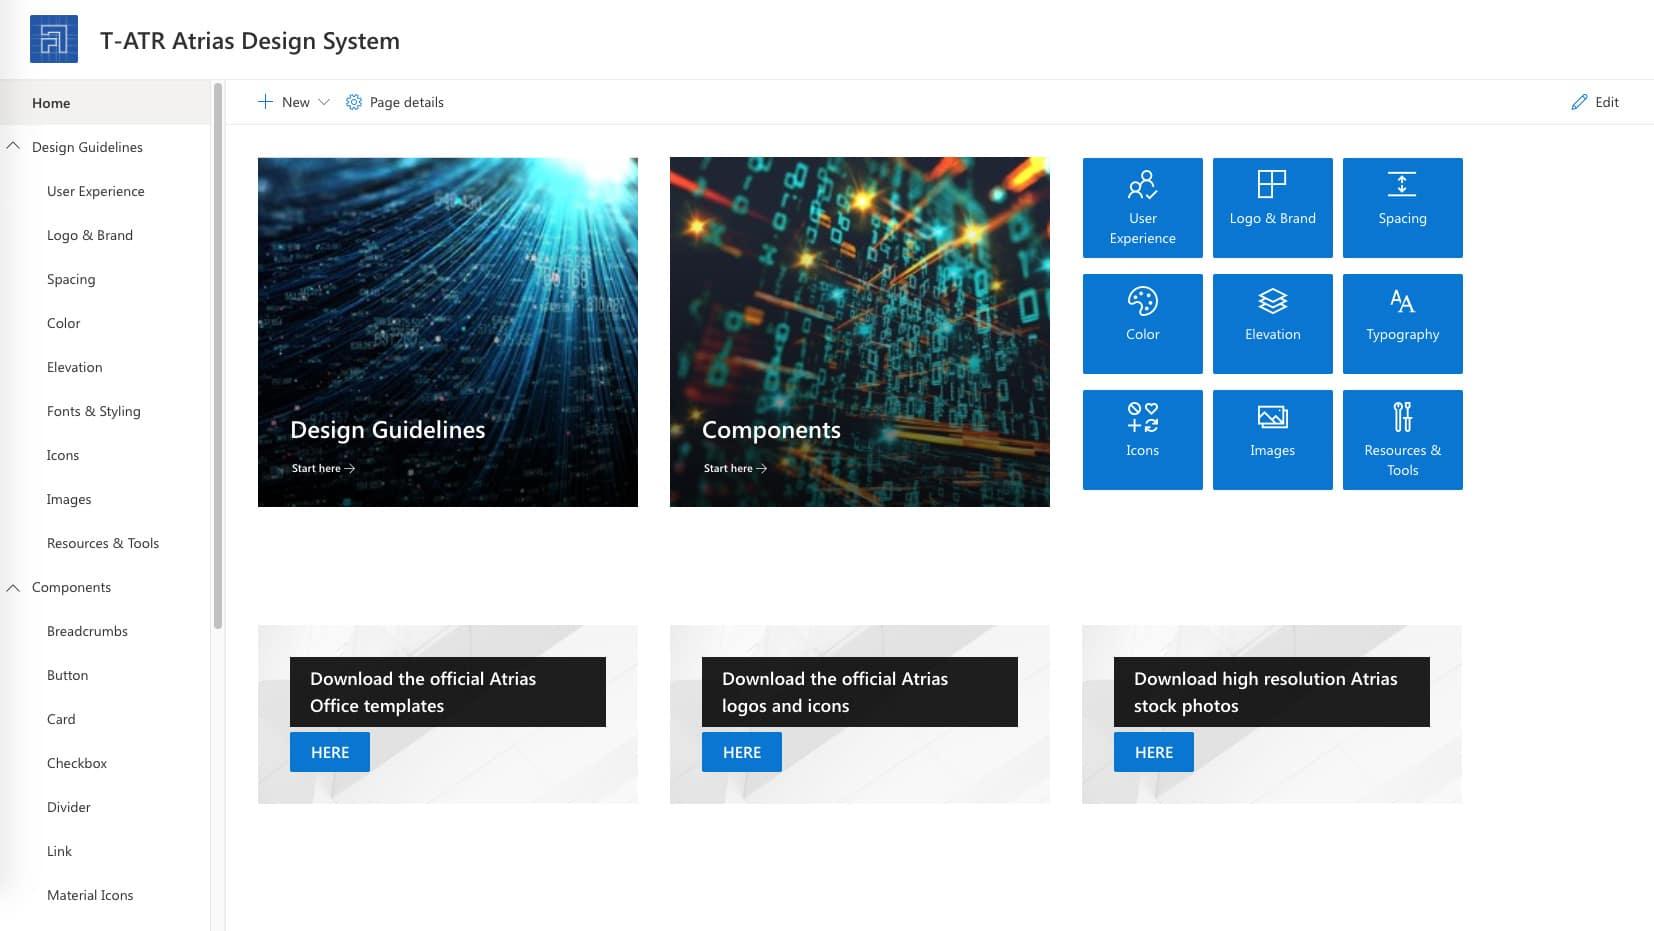 A screenshot of the Atrias Design System on SharePoint